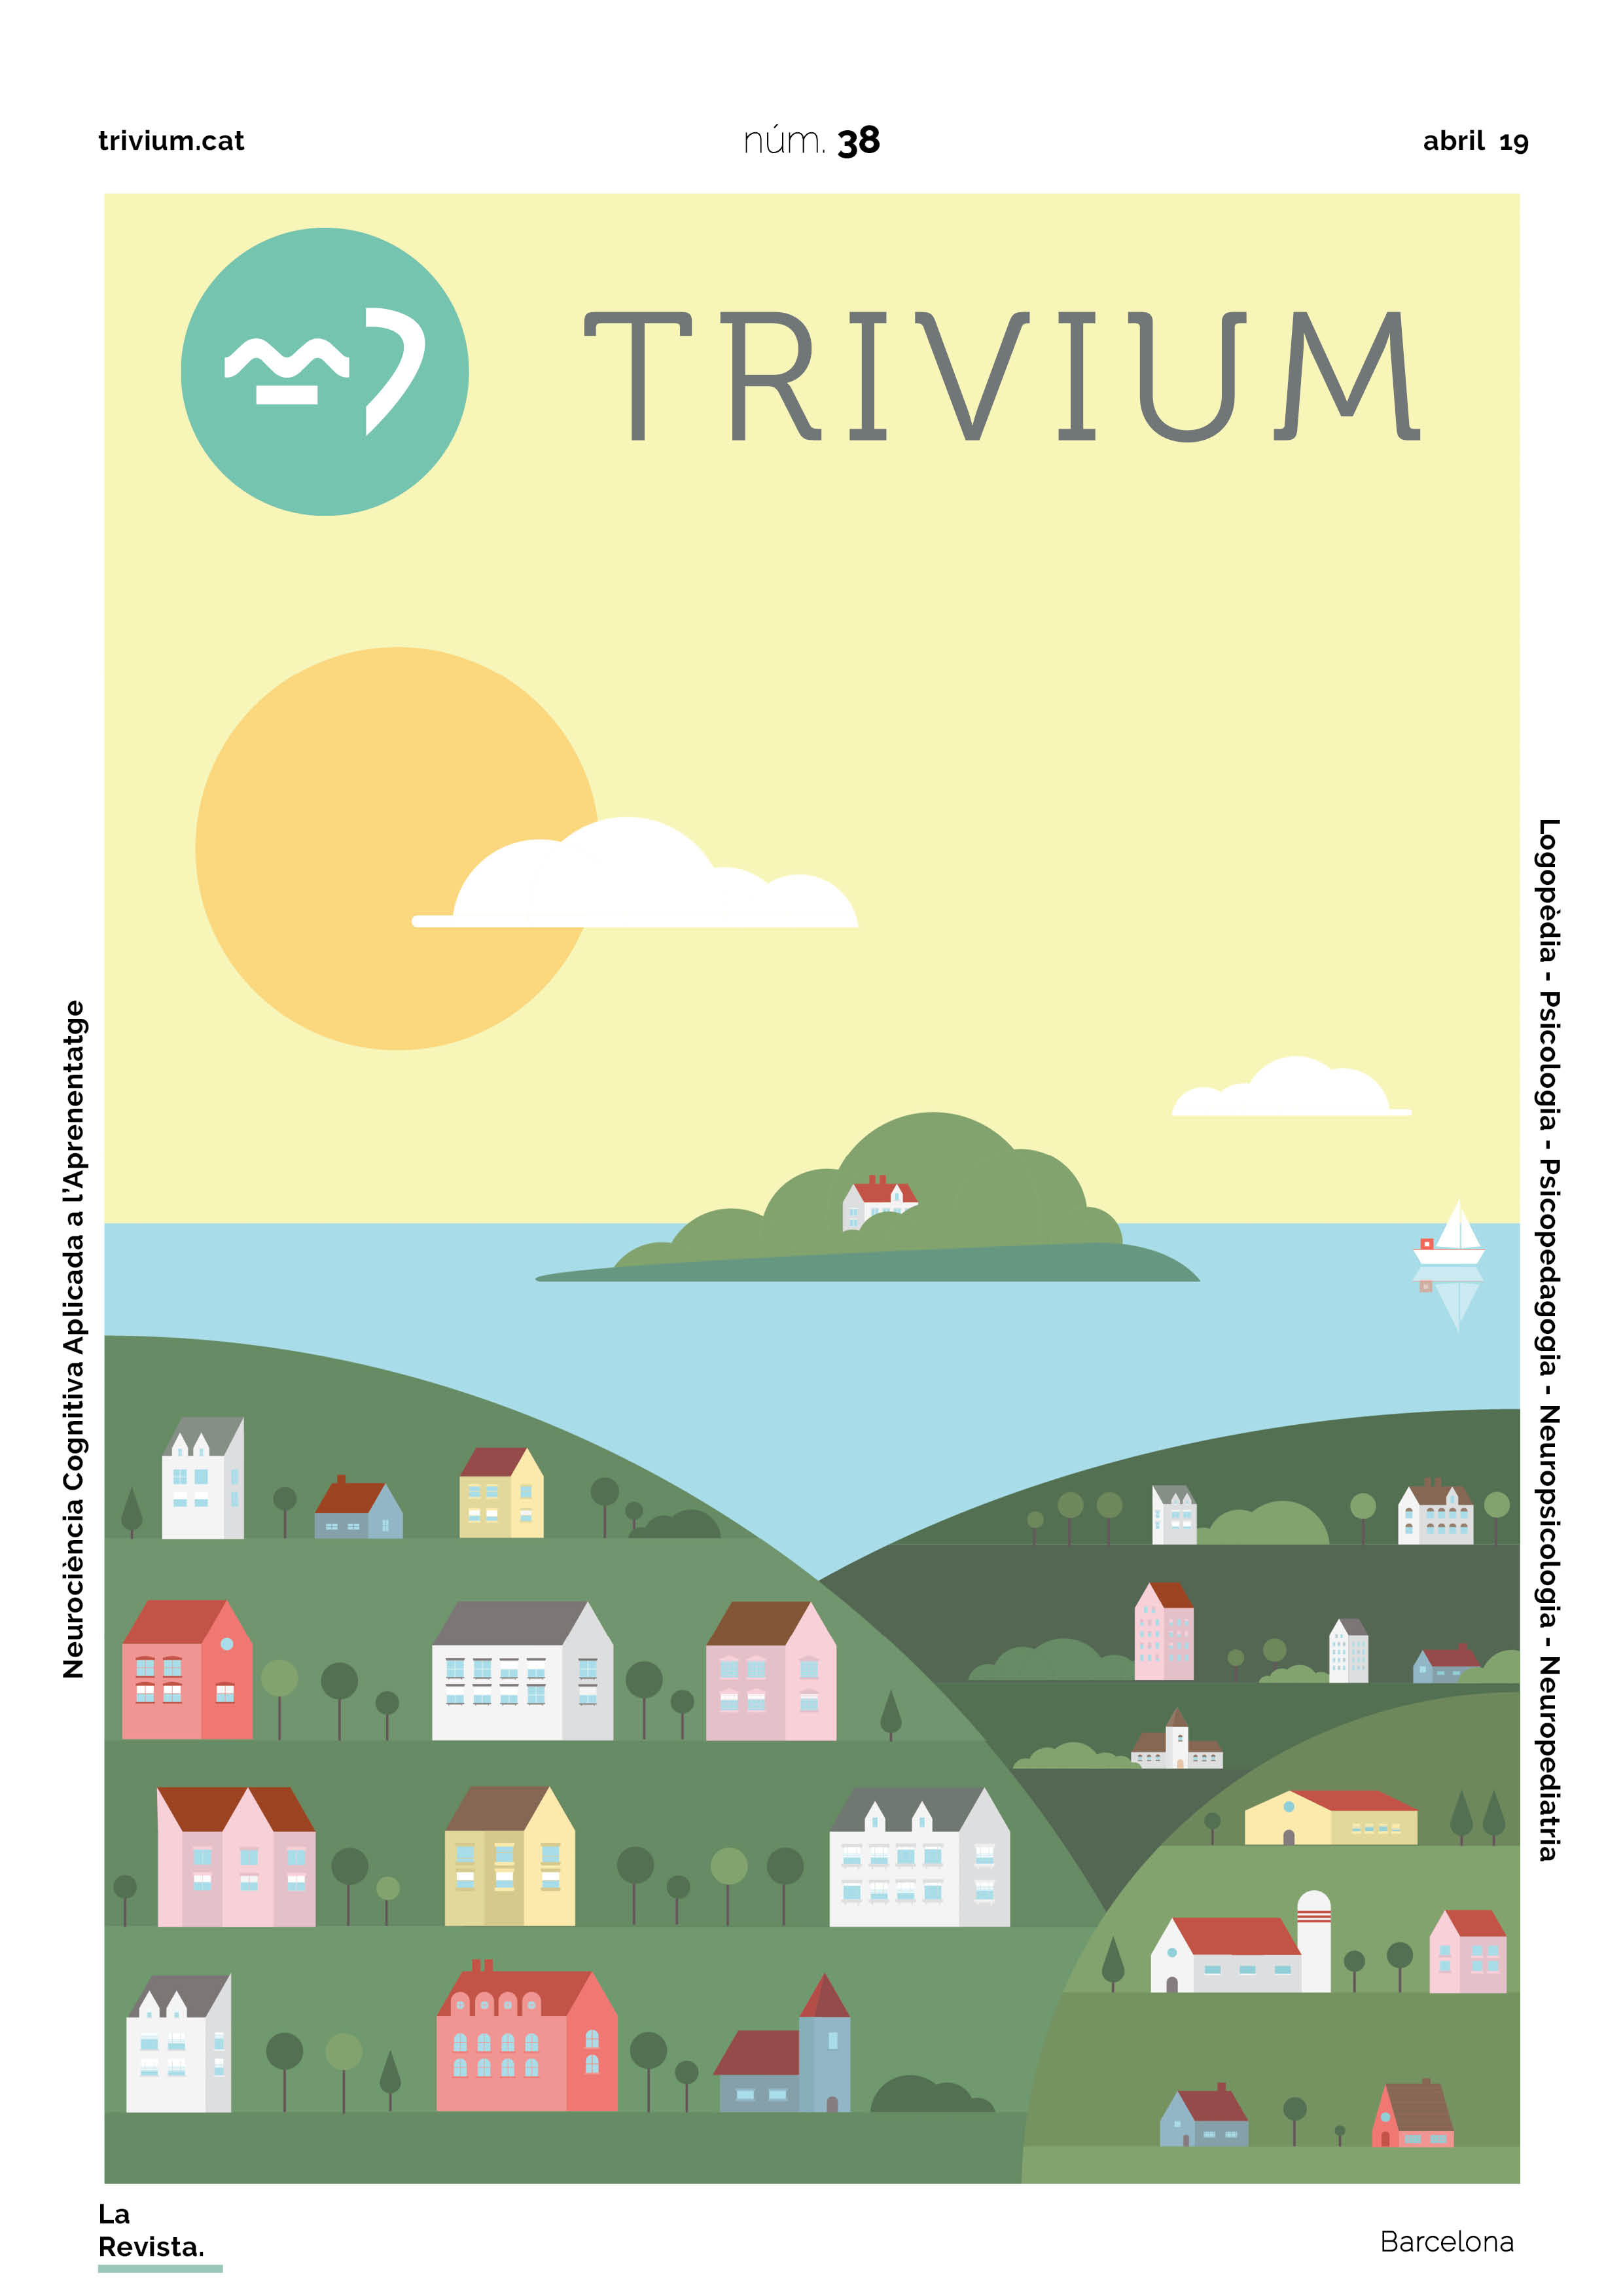 La Revista - març - abril 2019 - Portada - Trivium - Barcelona